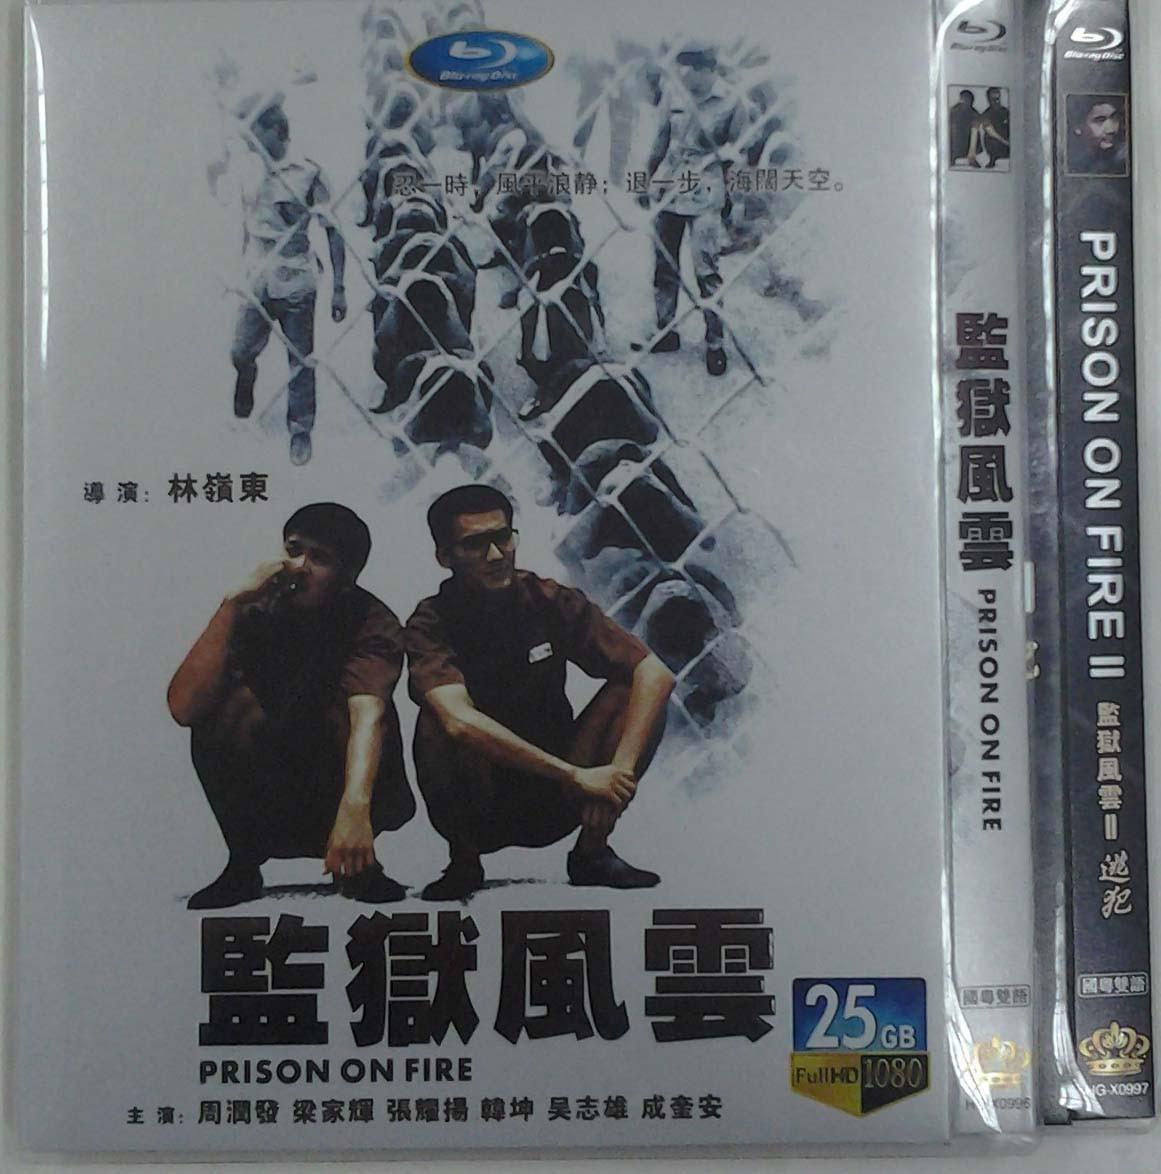 监狱风云1 国粤双语 52-048